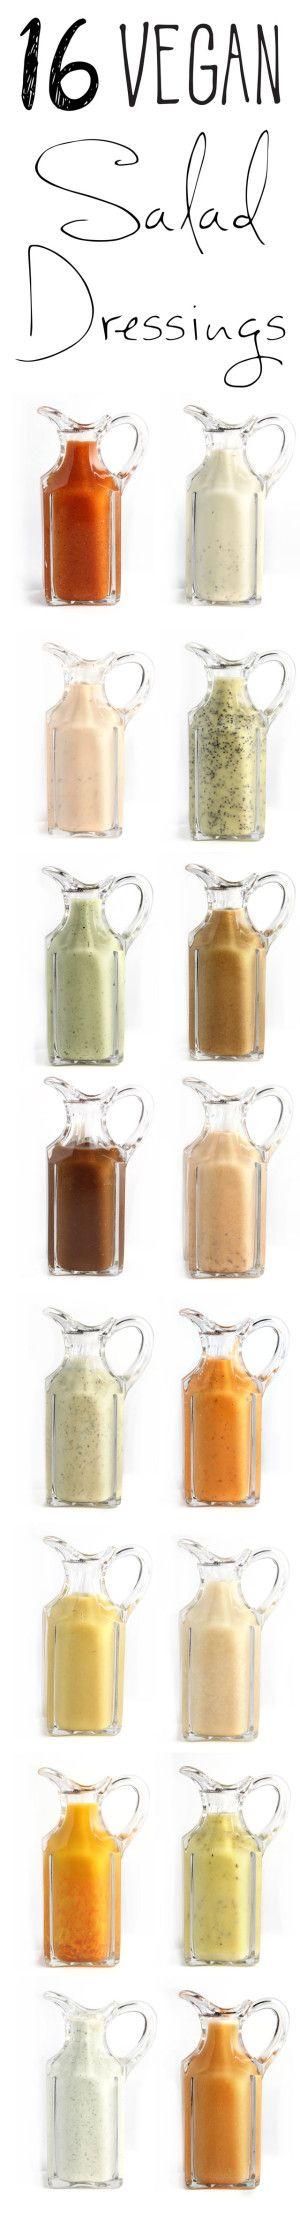 16-vegan-salad-dressings